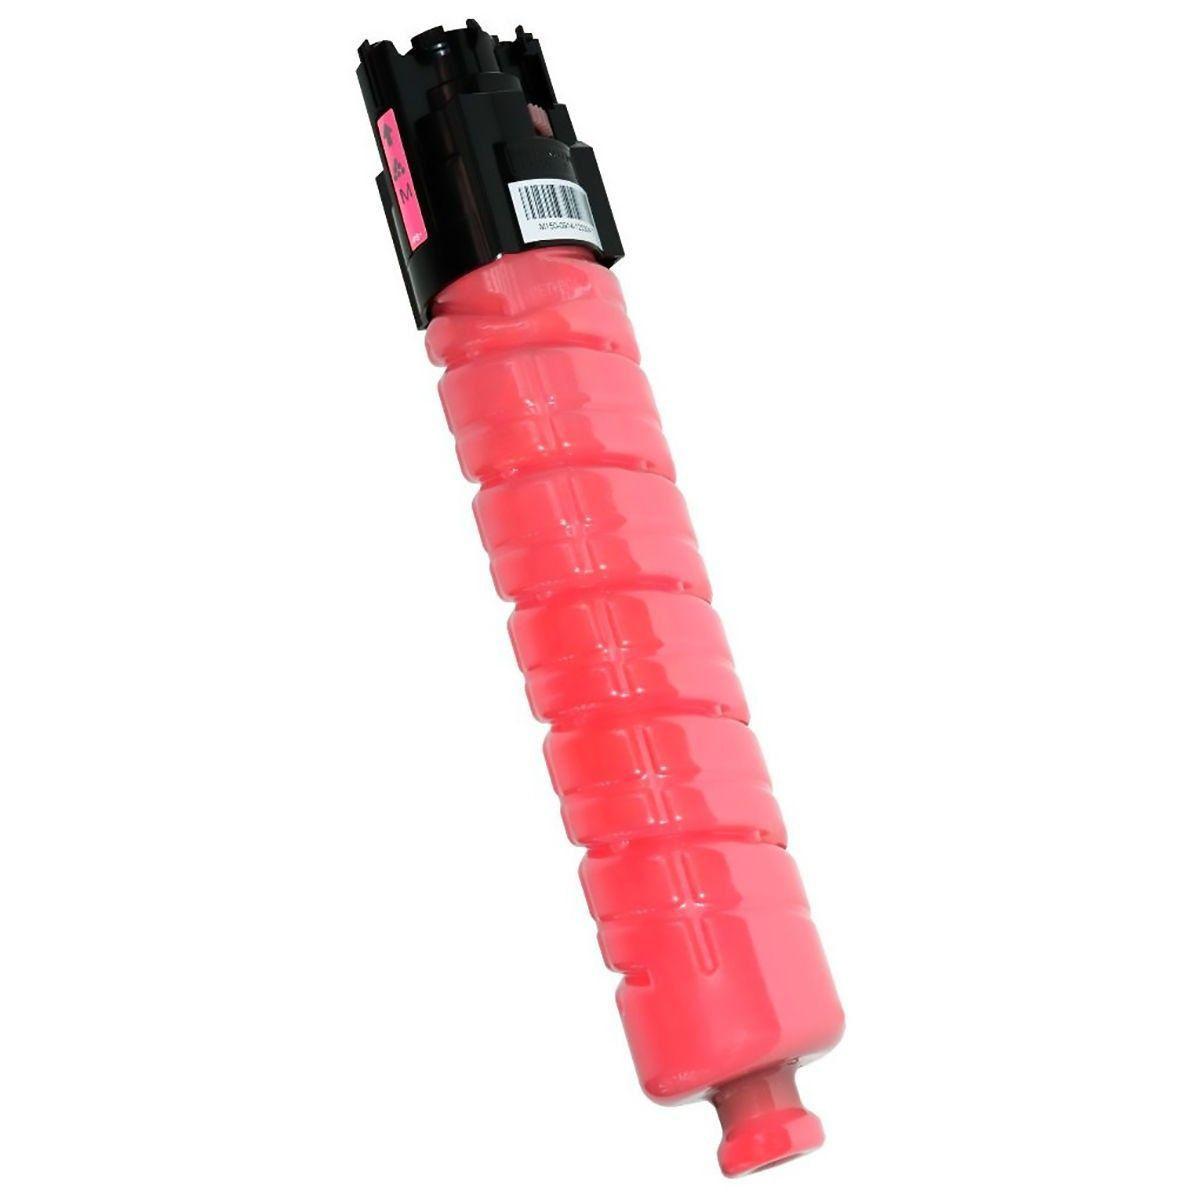 Compatível: Toner C430M para Ricoh Aficio SPC430 C431 C430dn C440dn SPC430 SPC431 SPC430dn SPC431dn / Magenta / 21.000